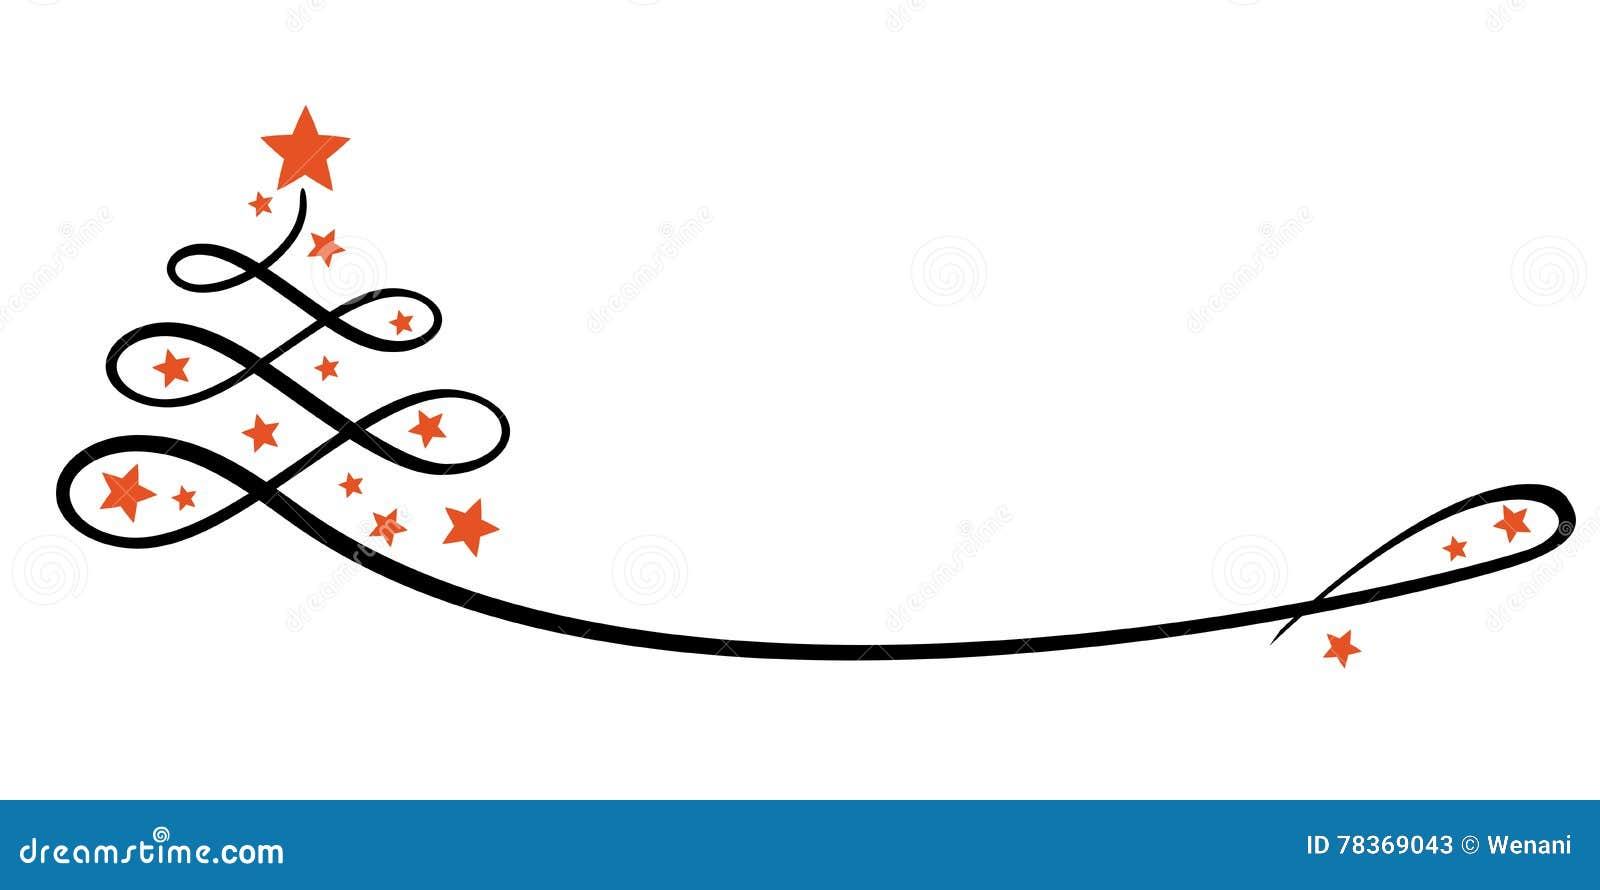 Immagini Natalizie Stilizzate.Albero Di Natale Stilizzato Con Le Stelle Linea Arte Illustrazione